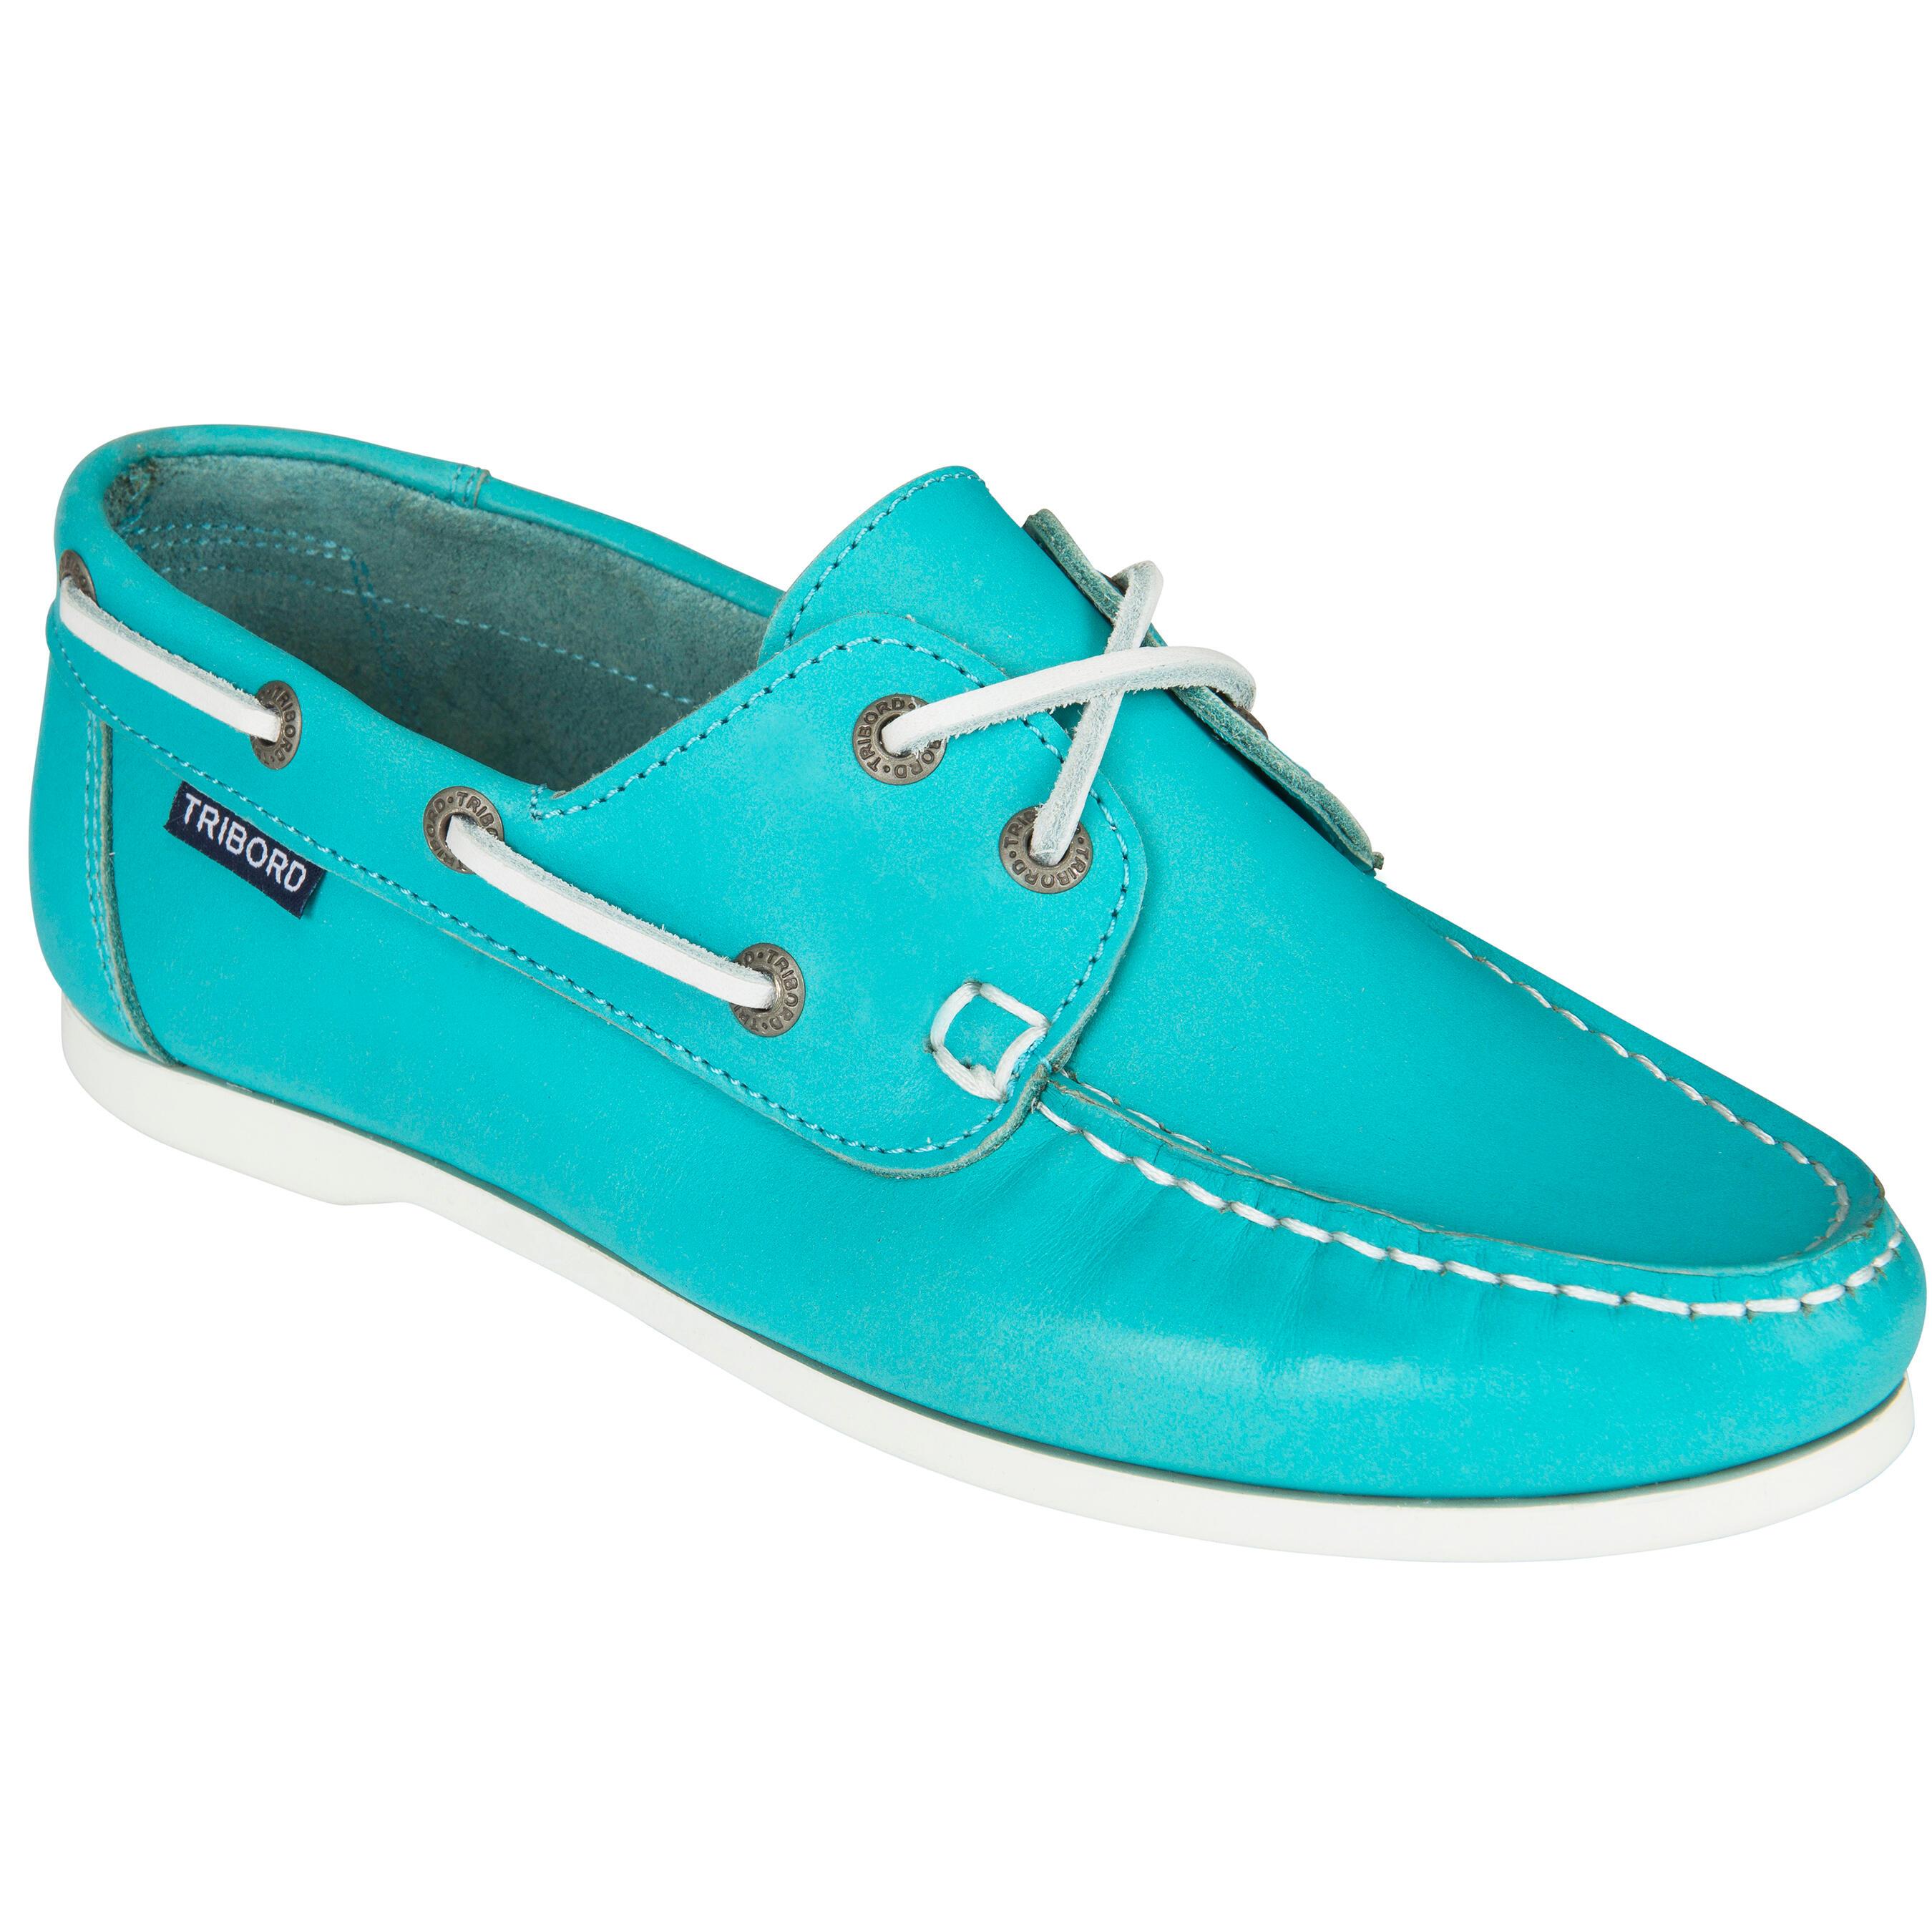 Comprar Zapatos Náuticos Online  26fc6a847ce